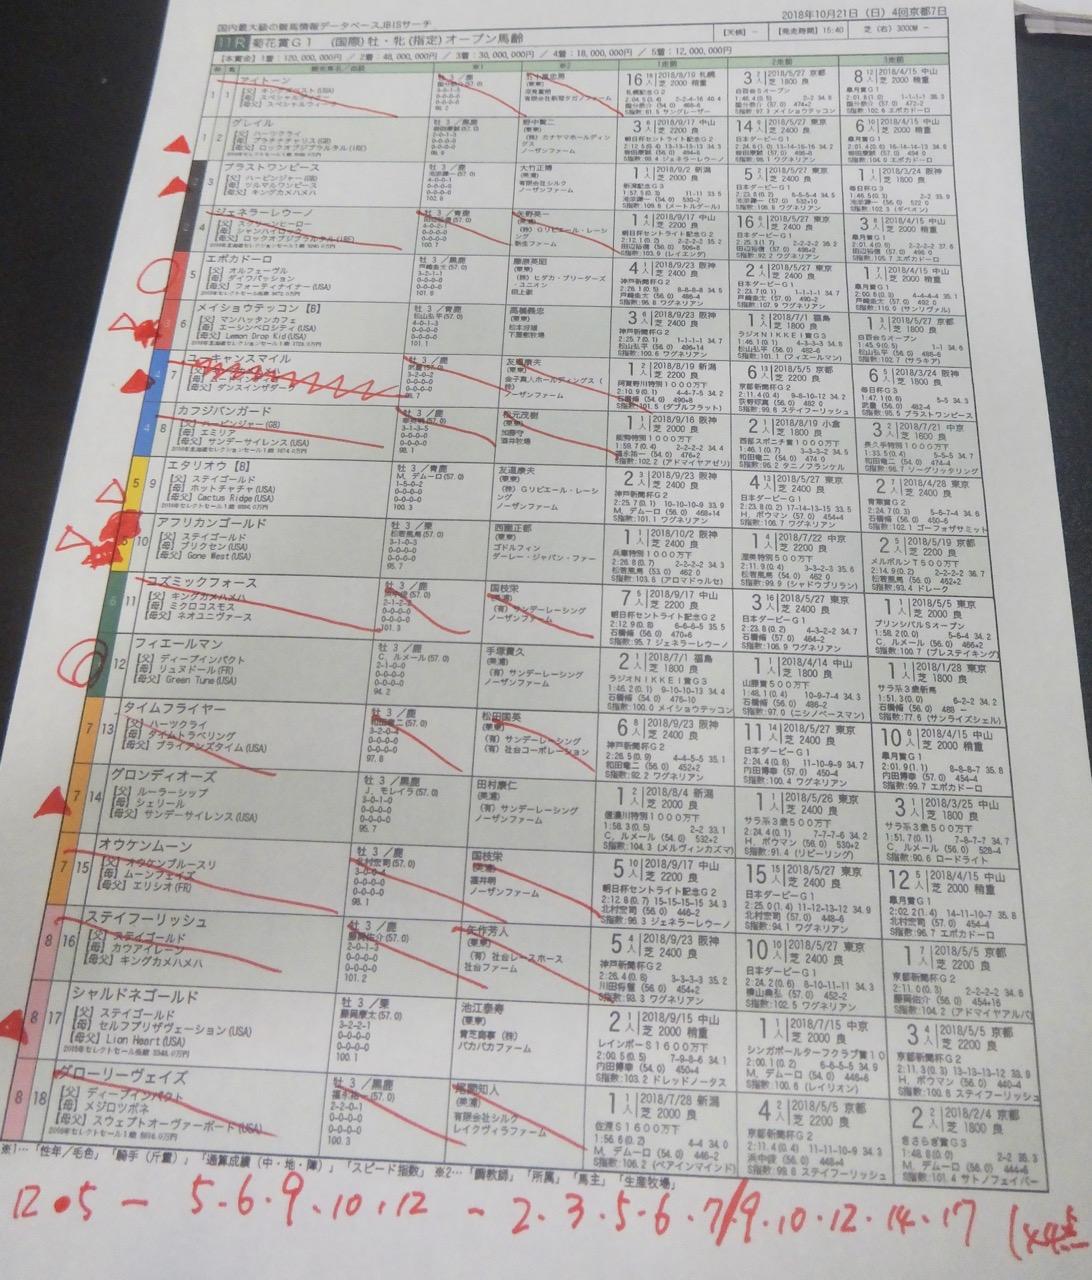 京都11レース、GI菊花賞(芝3000m)競馬予想。馬券本命、ディープインパクト産駒フィエールマン(C.ルメール騎手、手塚貴久厩舎)2018.10.21